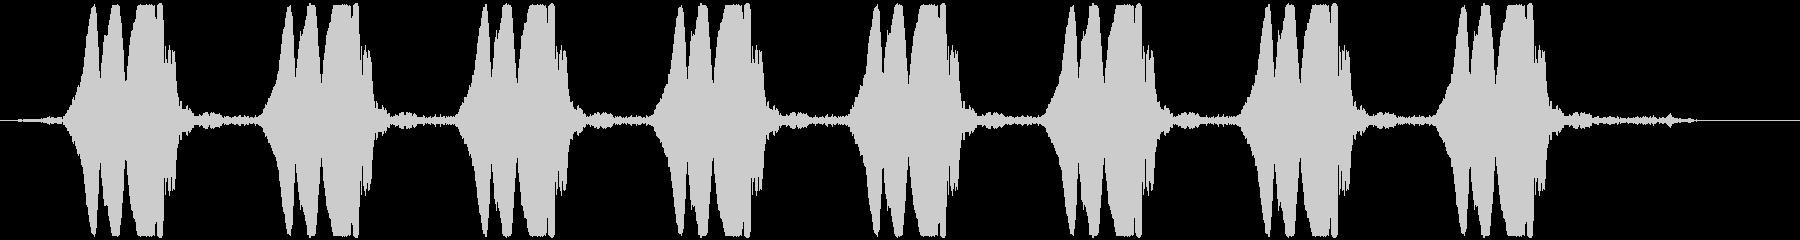 ヒヨヒヨヒヨ……  自主規制音(ピー音)の未再生の波形